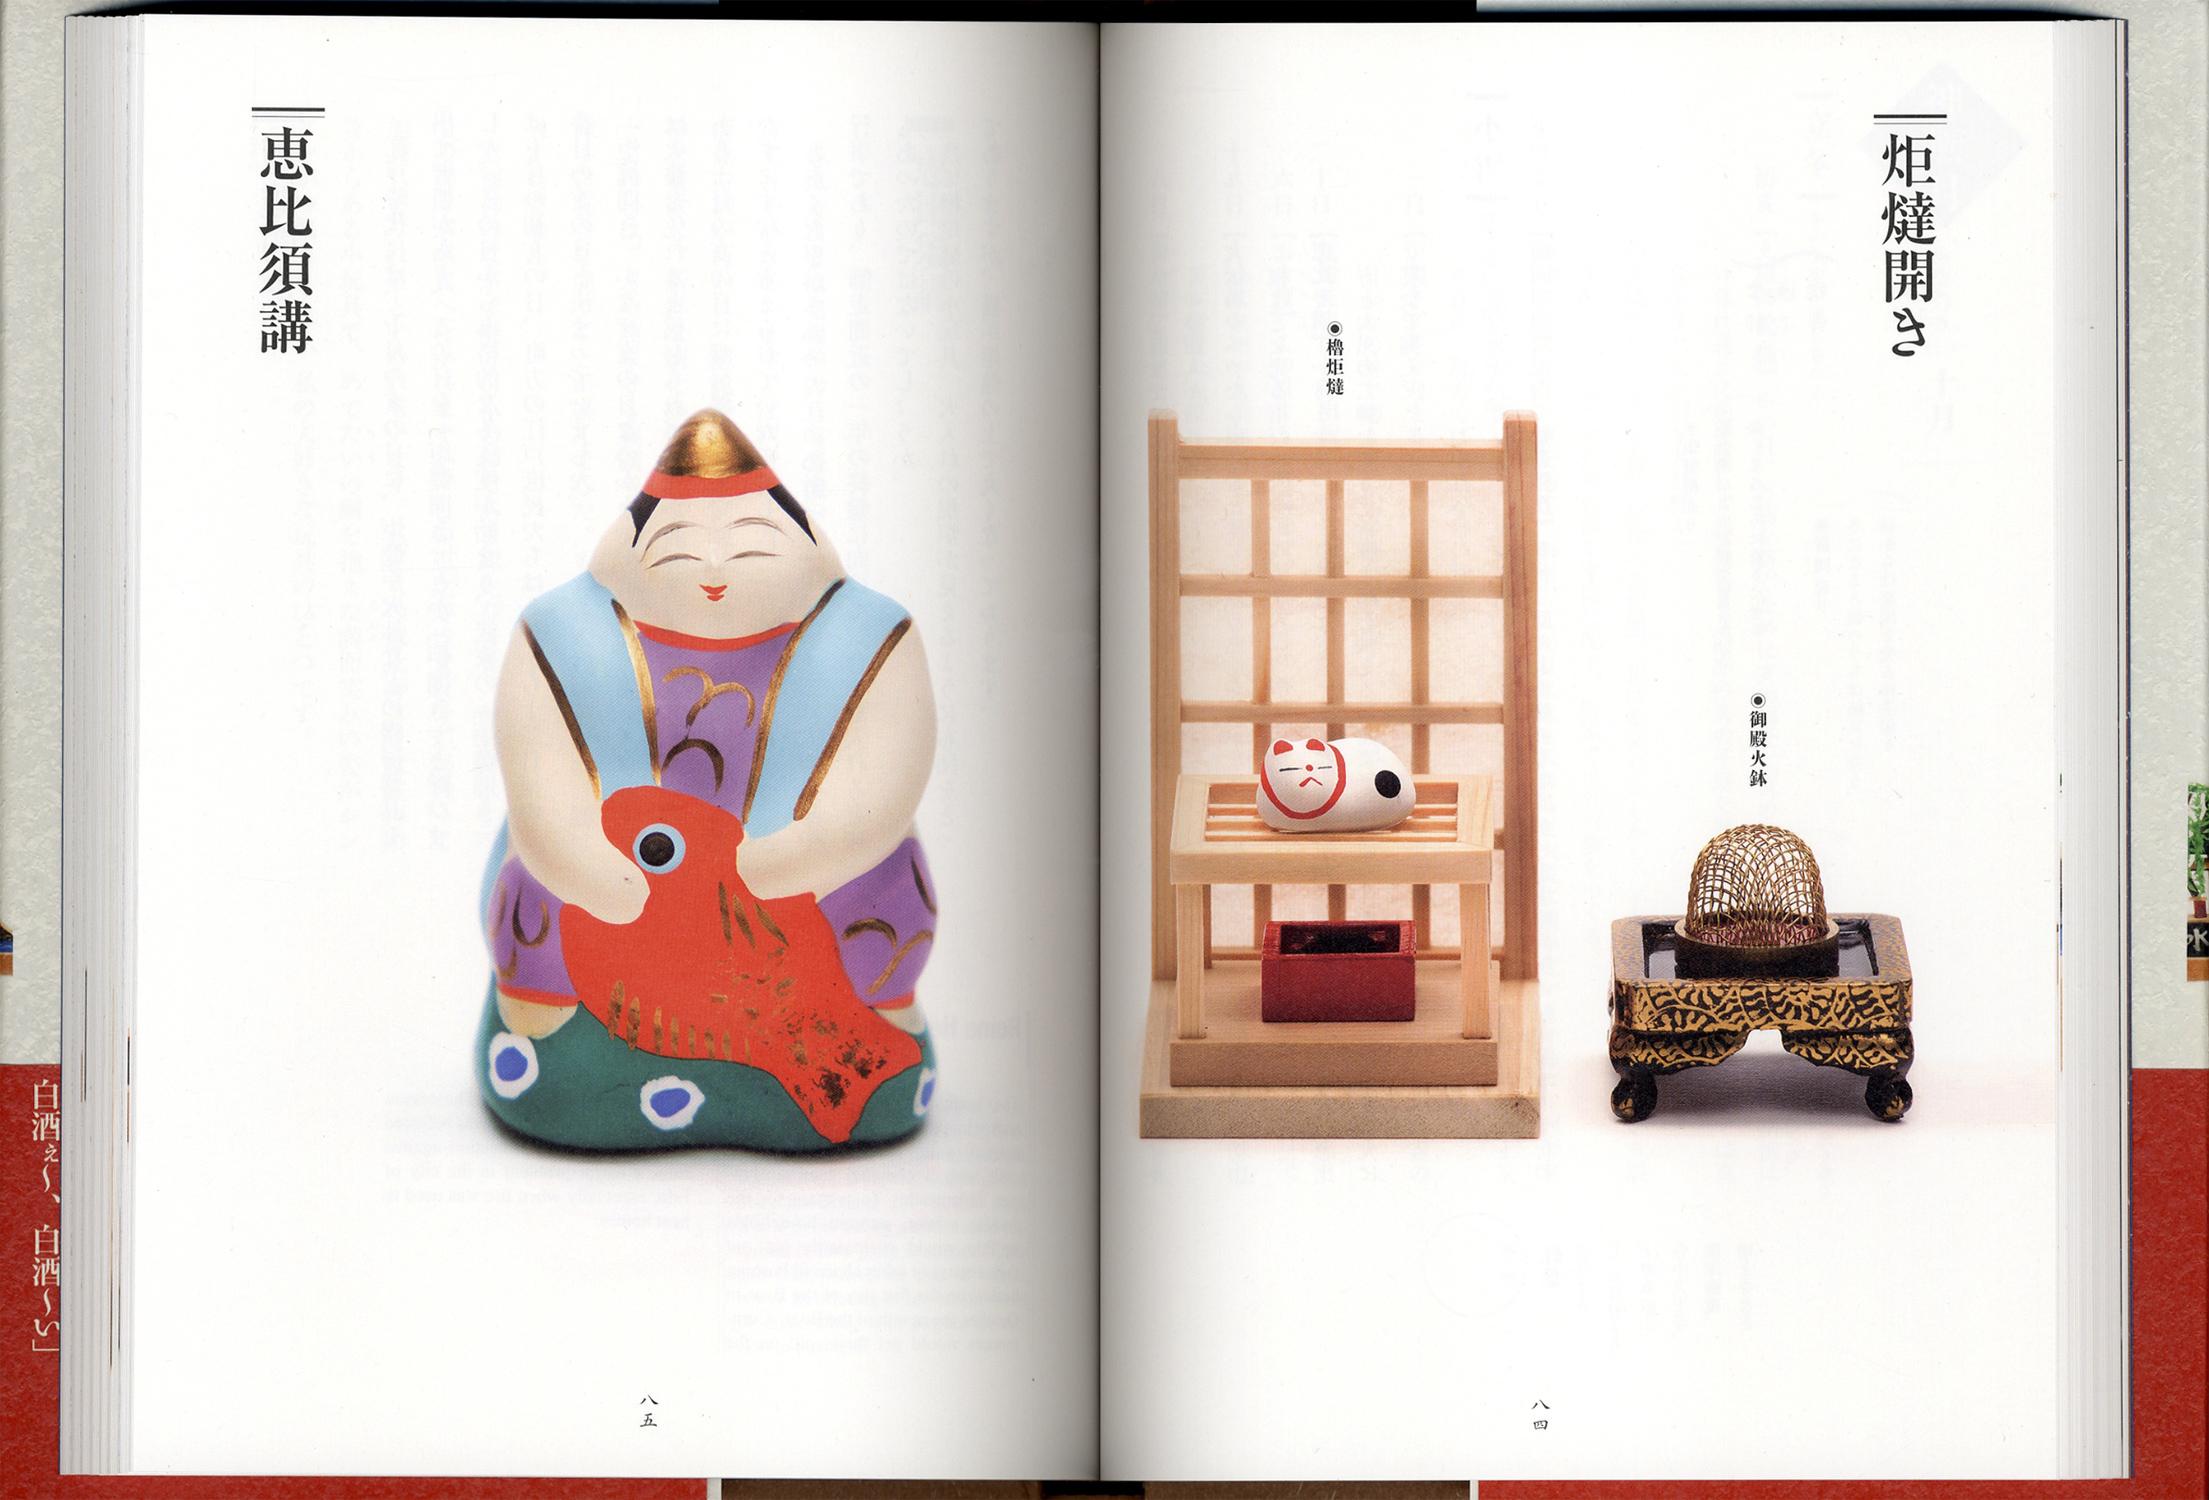 江戸暦 江戸暮らし 浅草仲見世助六 江戸趣味小玩具[image2]